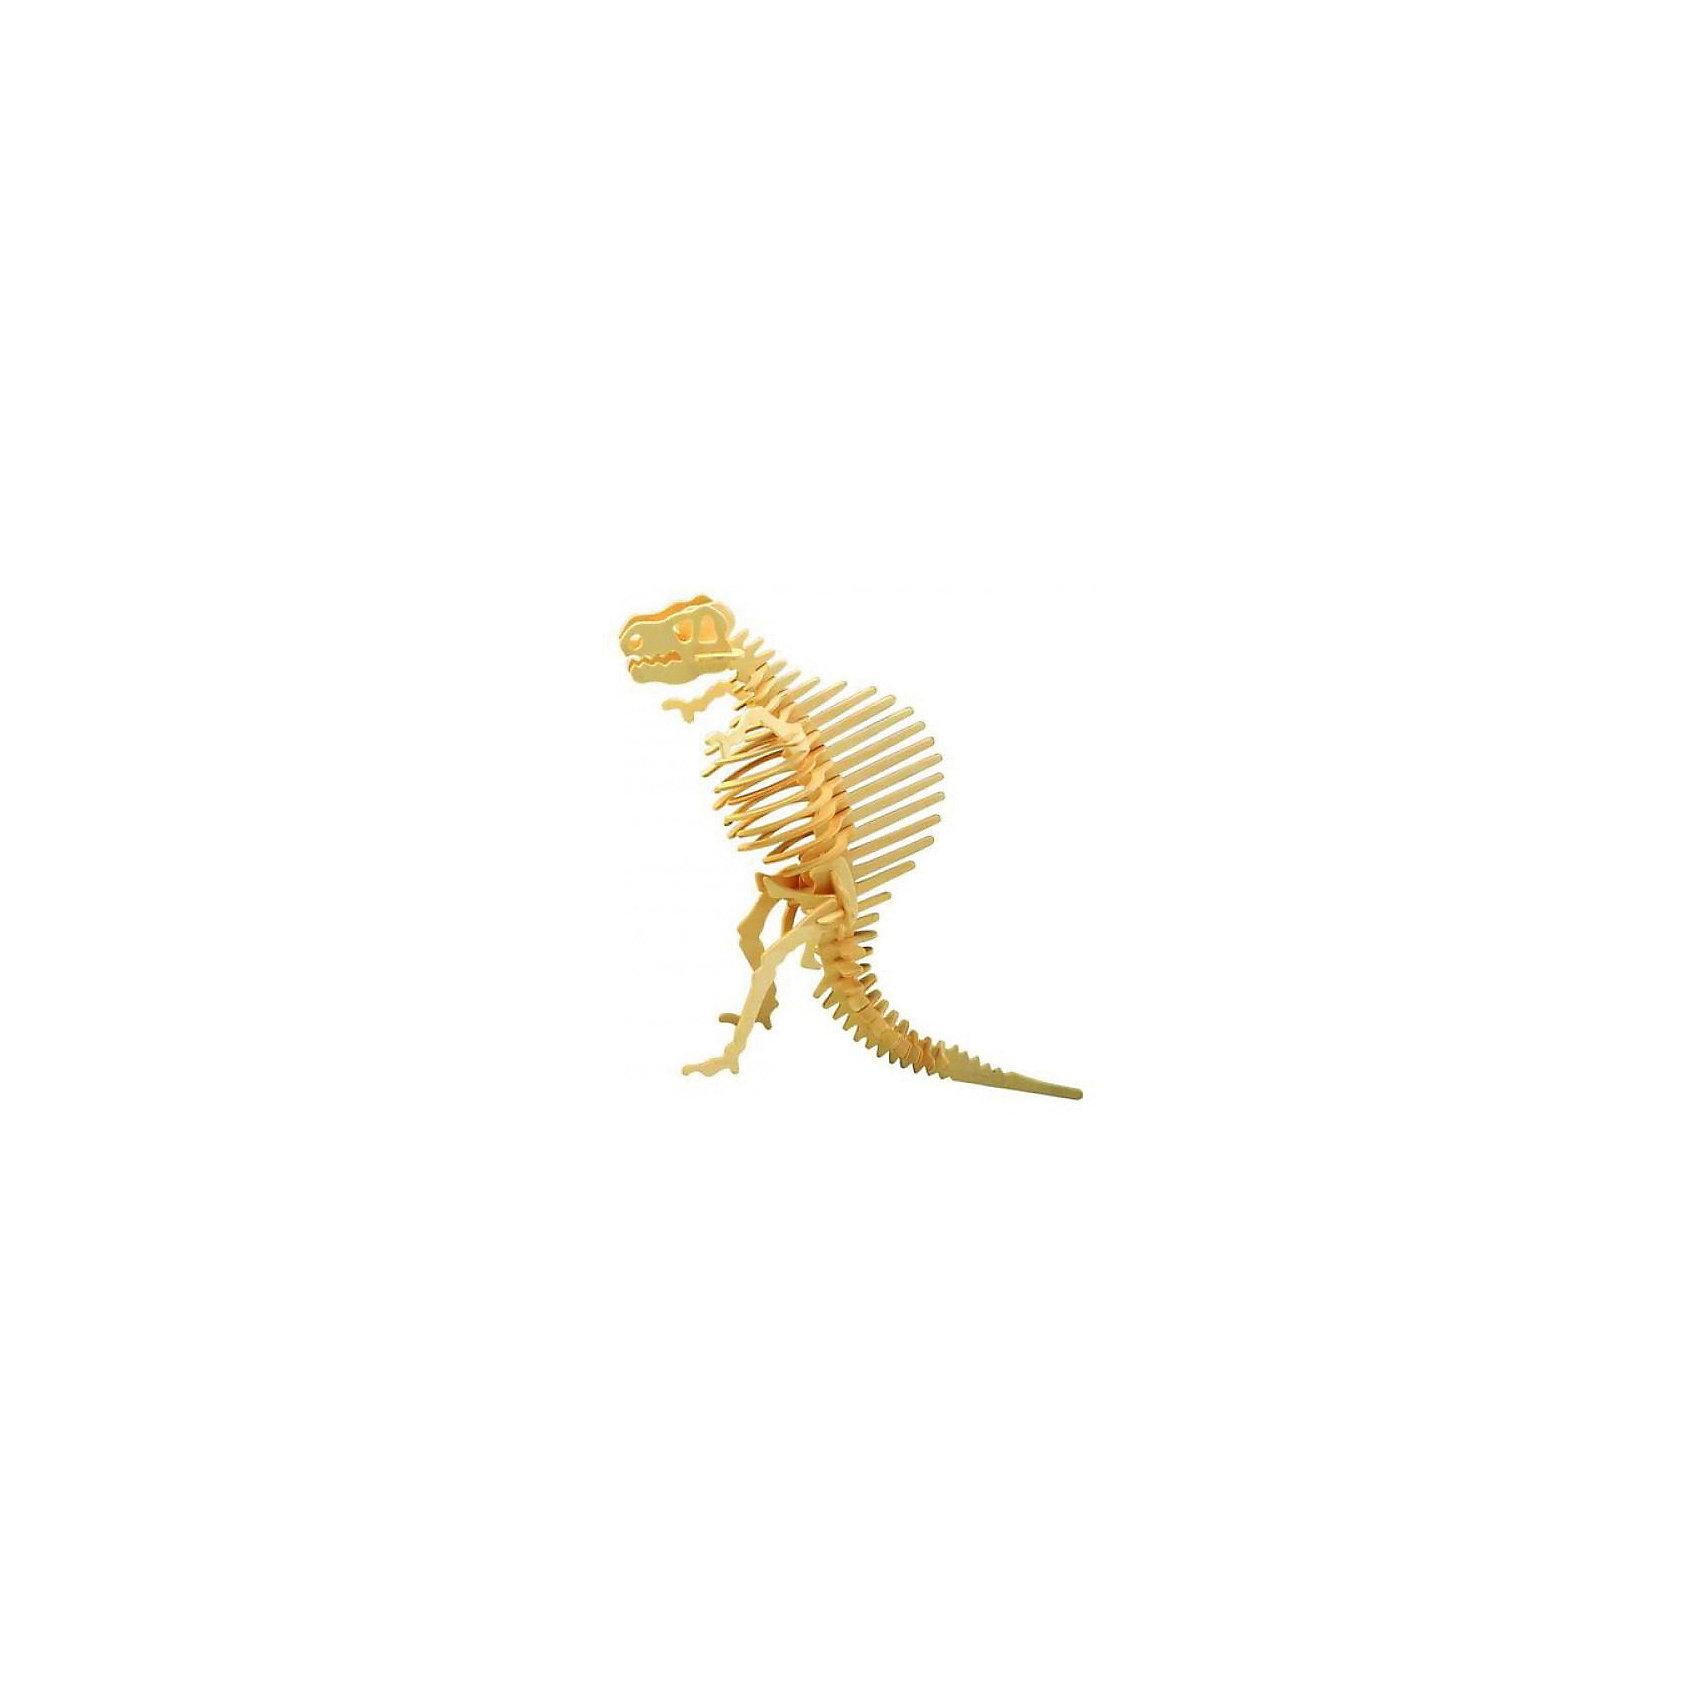 МДИ Спинозавр, Мир деревянных игрушек мир деревянных игрушек универсальный куб